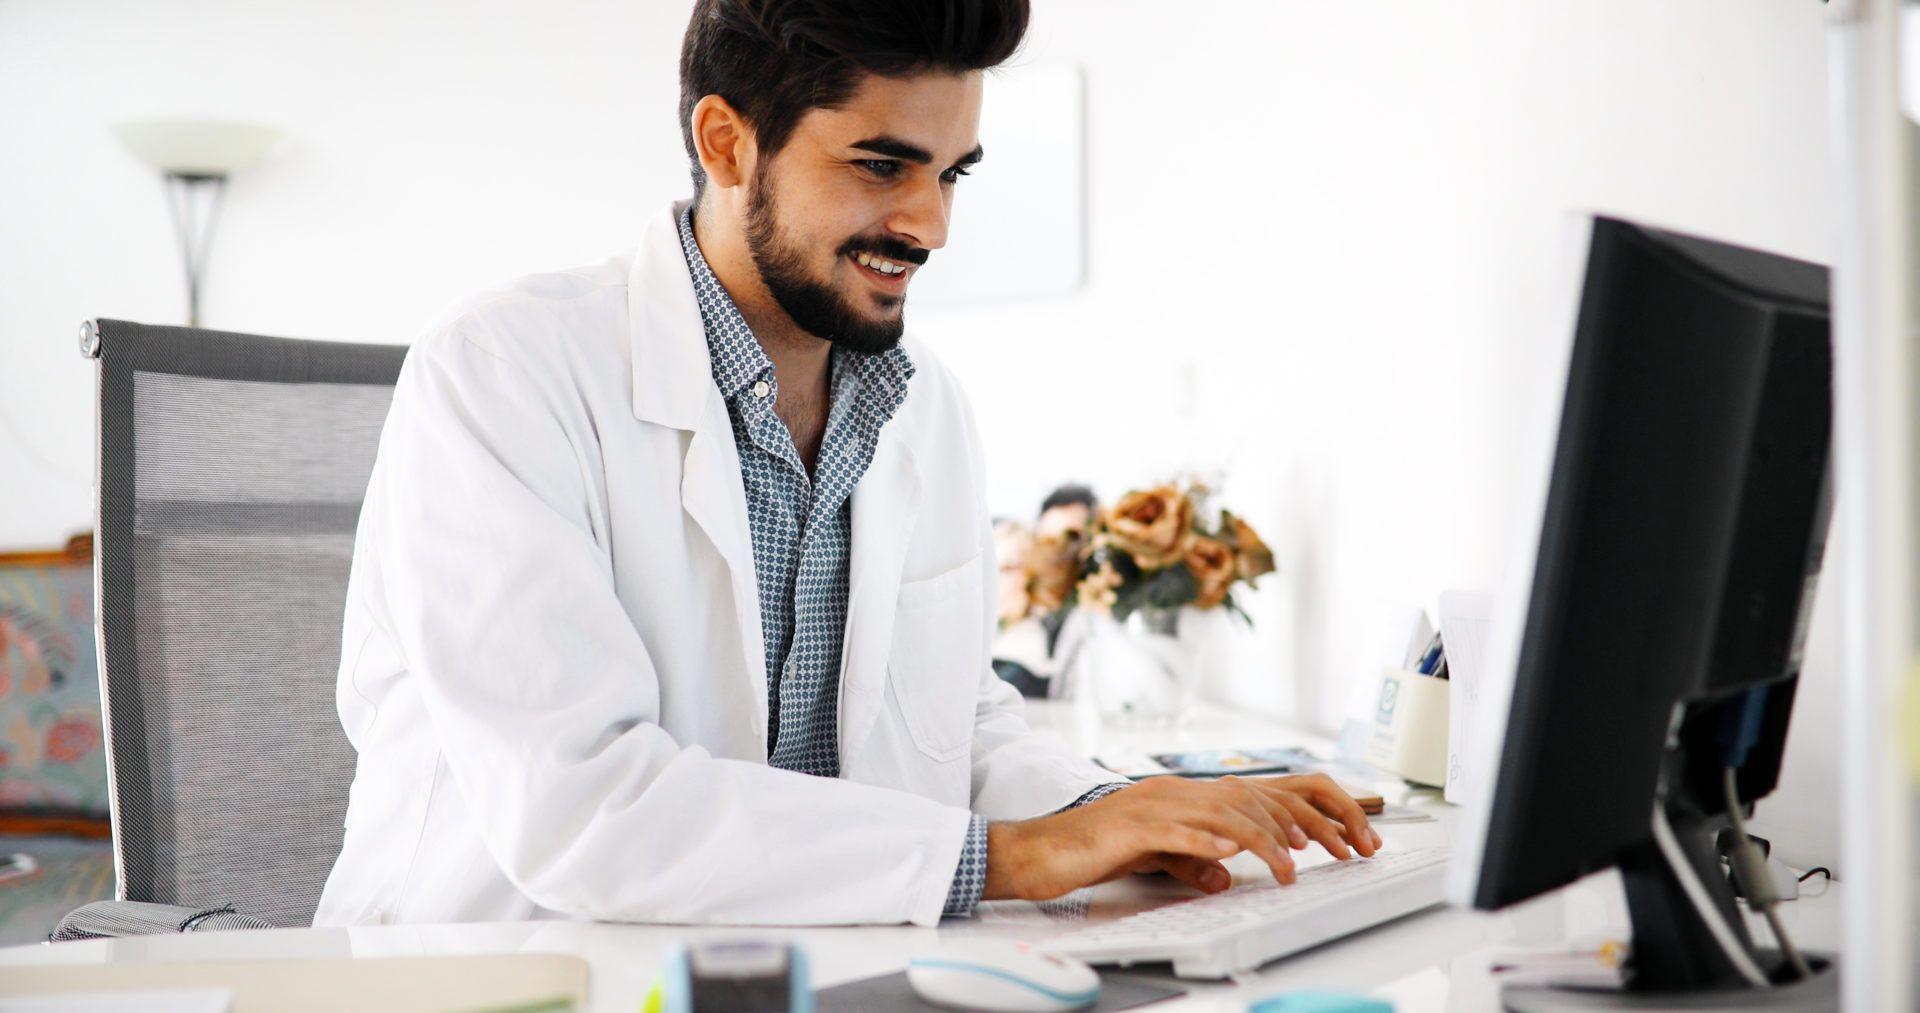 telemedicina e convênios de plano de saúde